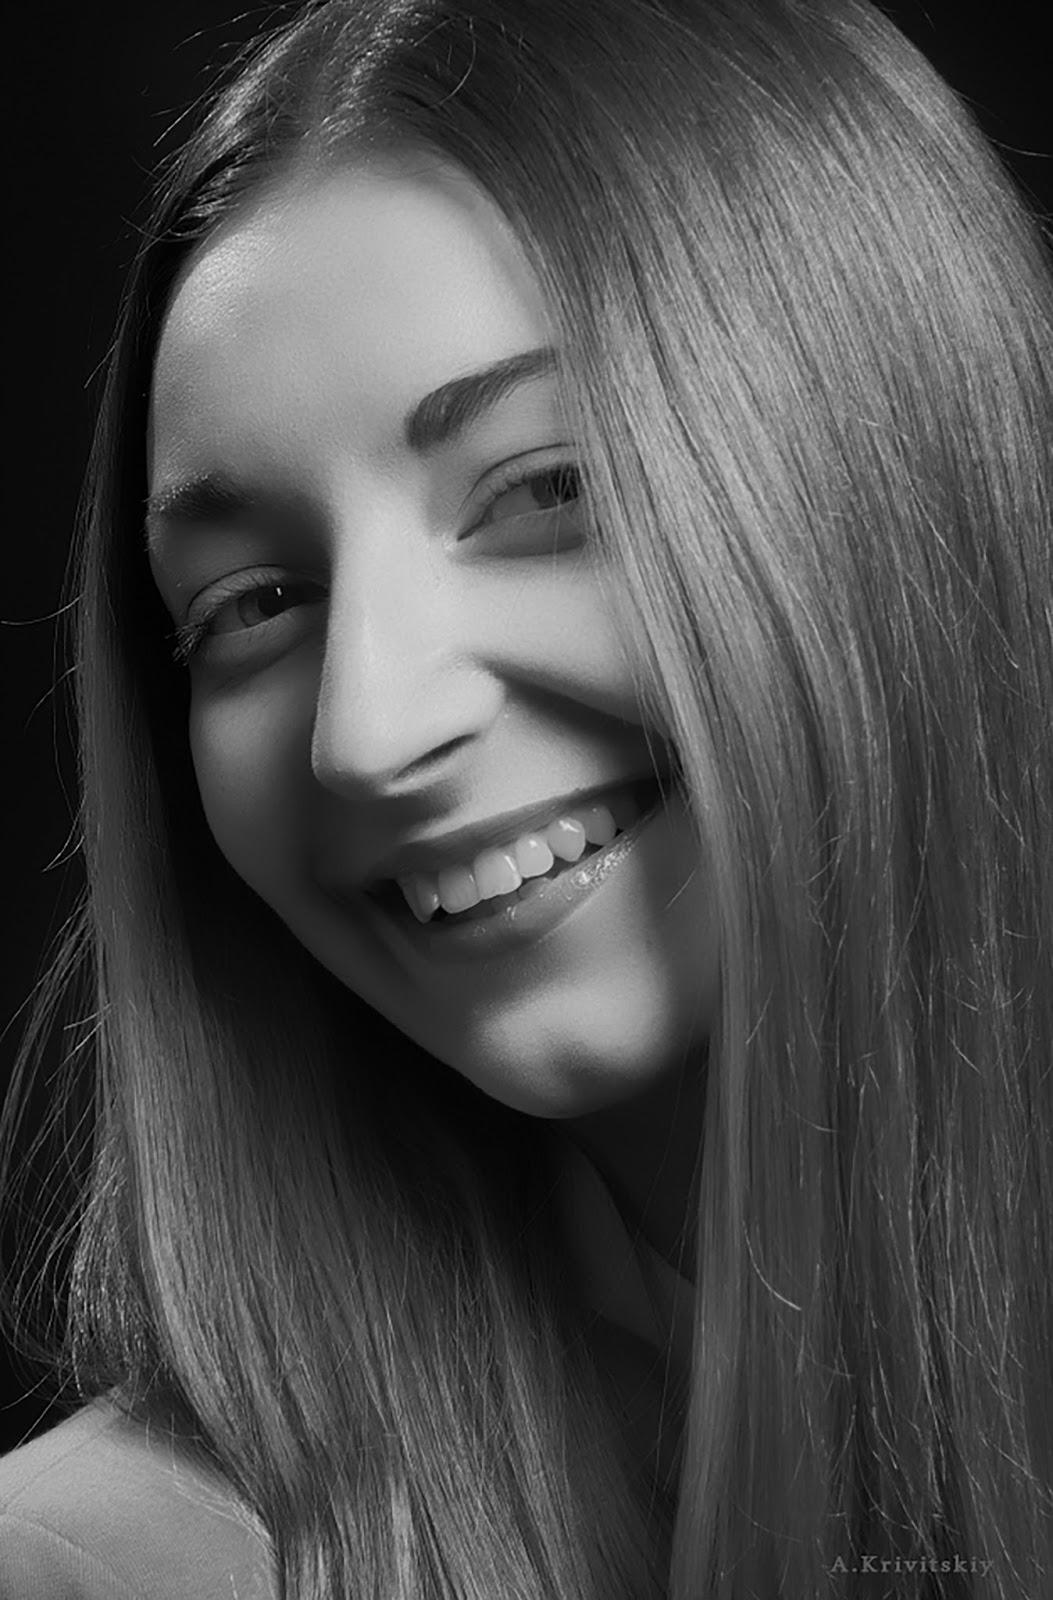 Фотограф Максим Яковчук: Photogrammer – творча співдружність: Фото дня від 16 березня 2018 року на сайті photogrammer.com.ua | Автор фото: Alexander Кривицкий | Назва фото: Portrait. Studio. |